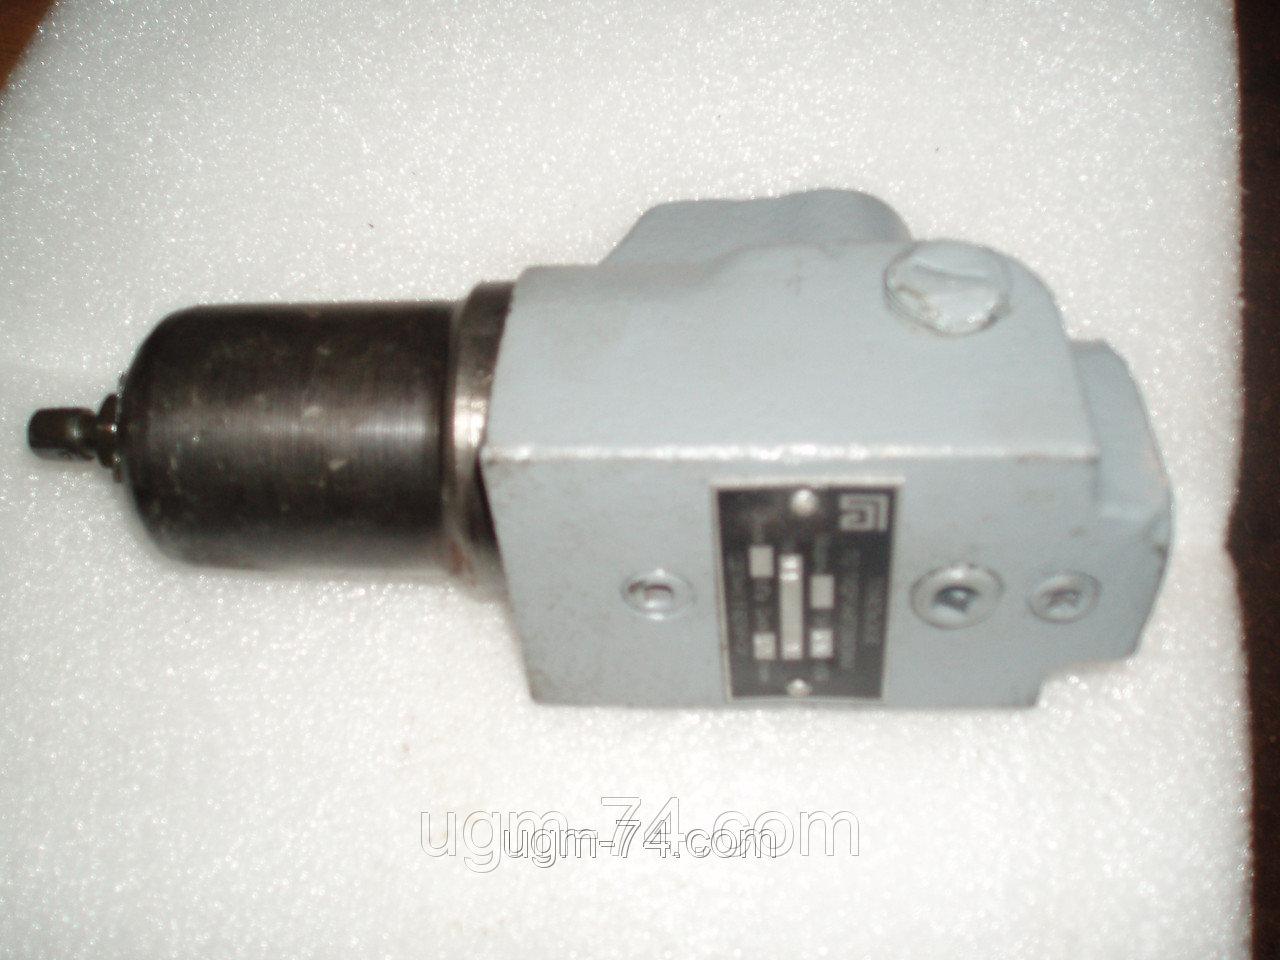 Гидроклапан АГ54-32М